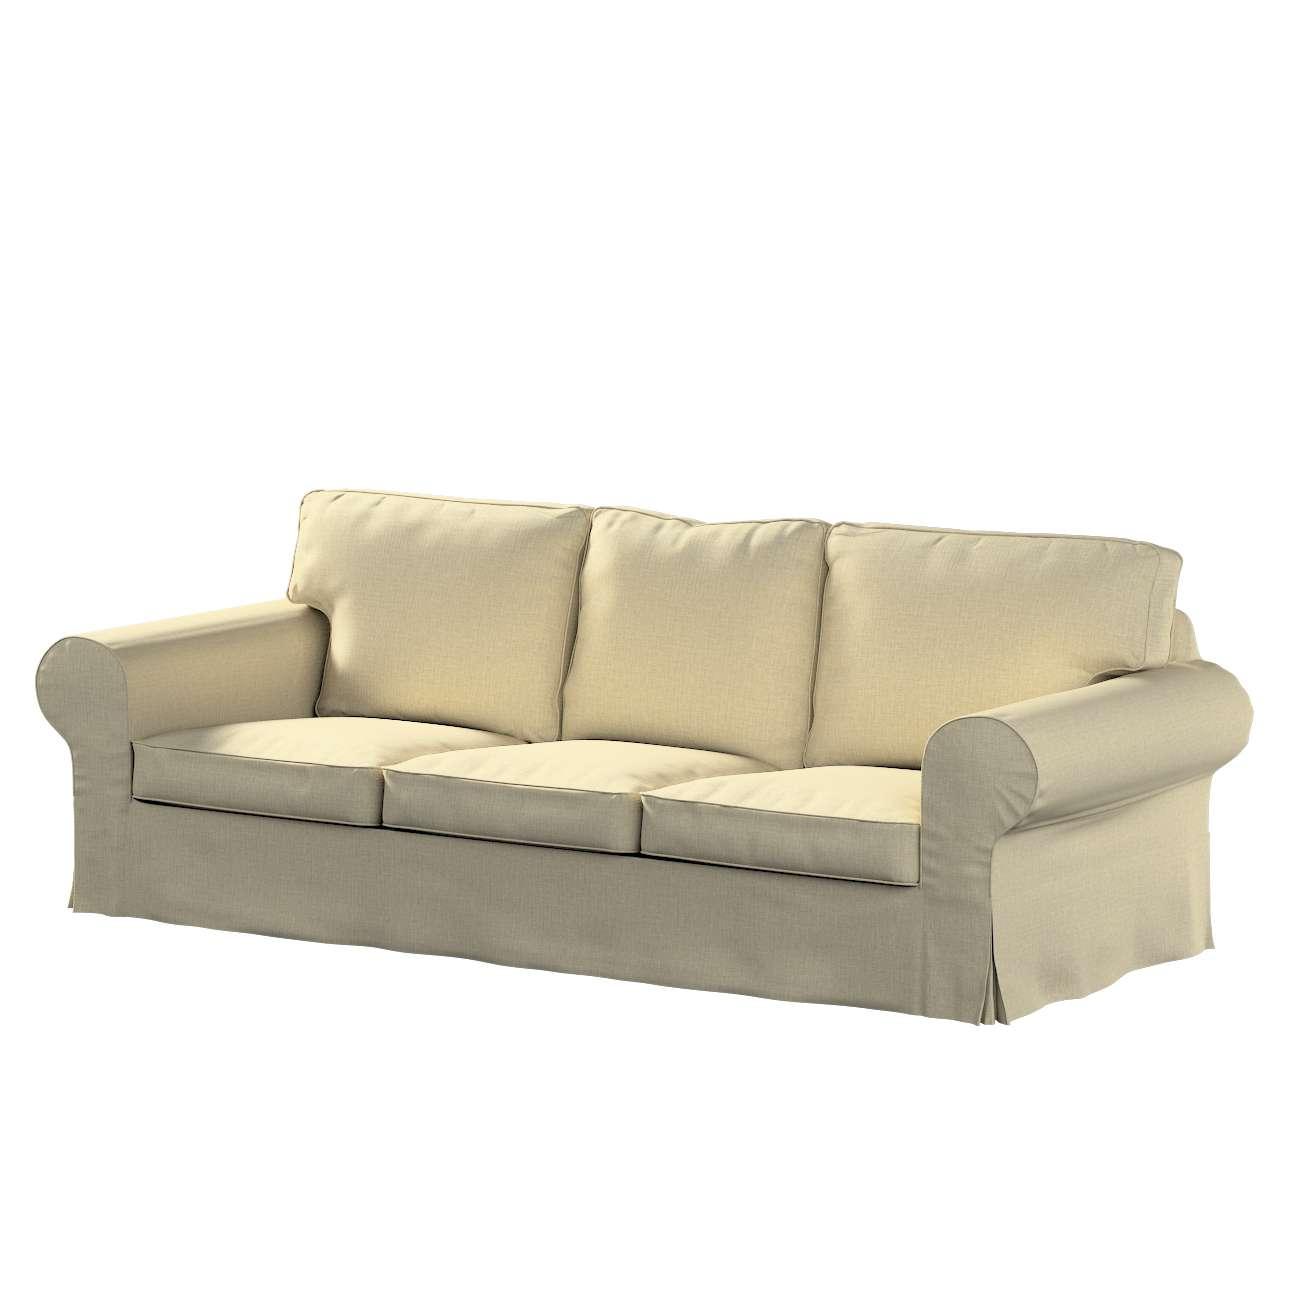 Pokrowiec na sofę Ektorp 3-osobową, rozkładaną w kolekcji Living, tkanina: 161-45